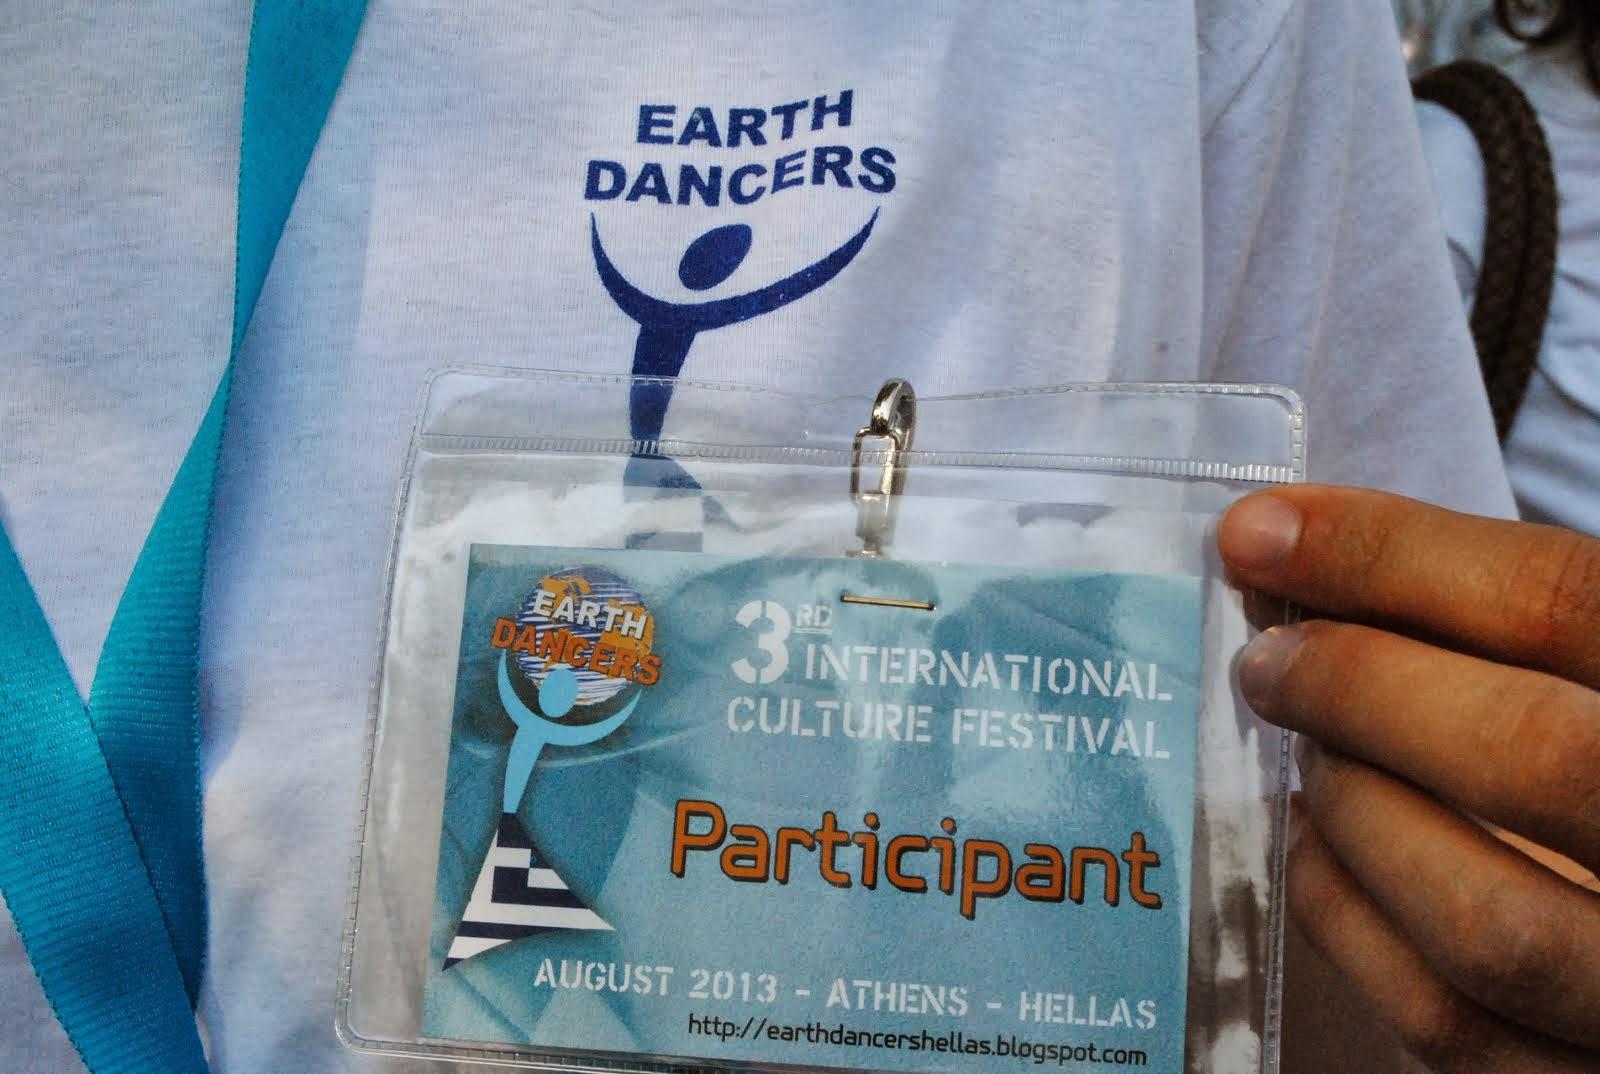 EARTHDANCERS